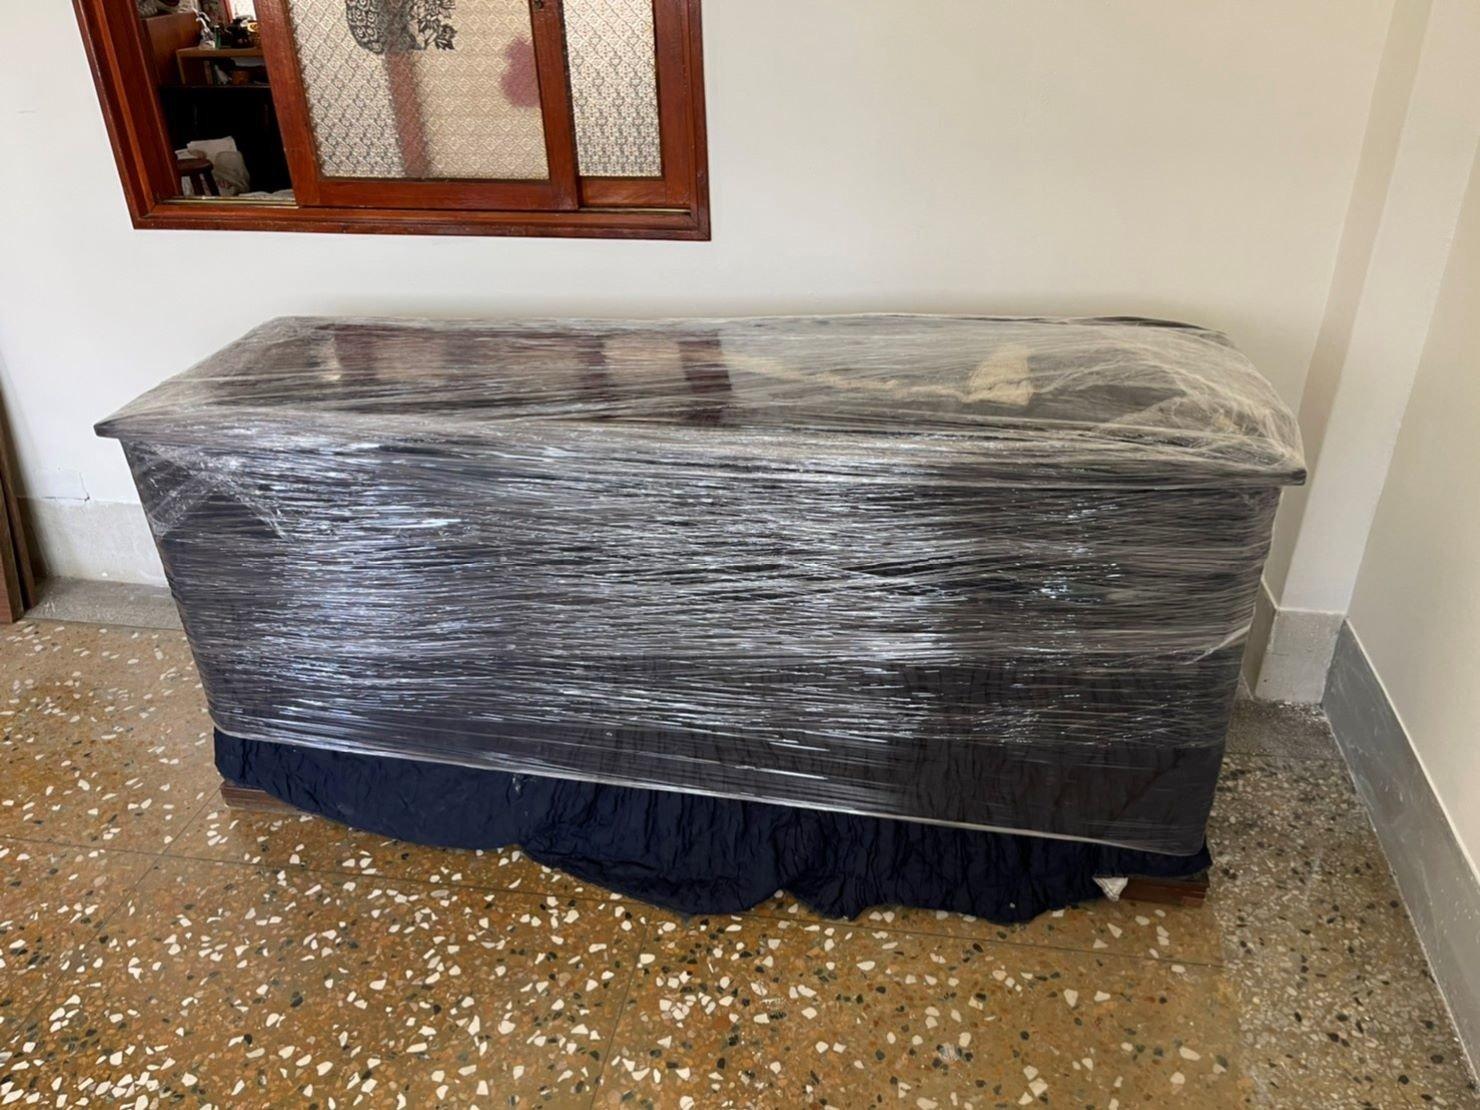 搬家公司推薦【榮福搬家】搬遷好品質值得您的信賴與選擇:搬大型玻璃上下櫥櫃-將下層櫥櫃用伸縮保護布套包袱後,捆上層層膠膜,防碰撞磨損、防塵防水。